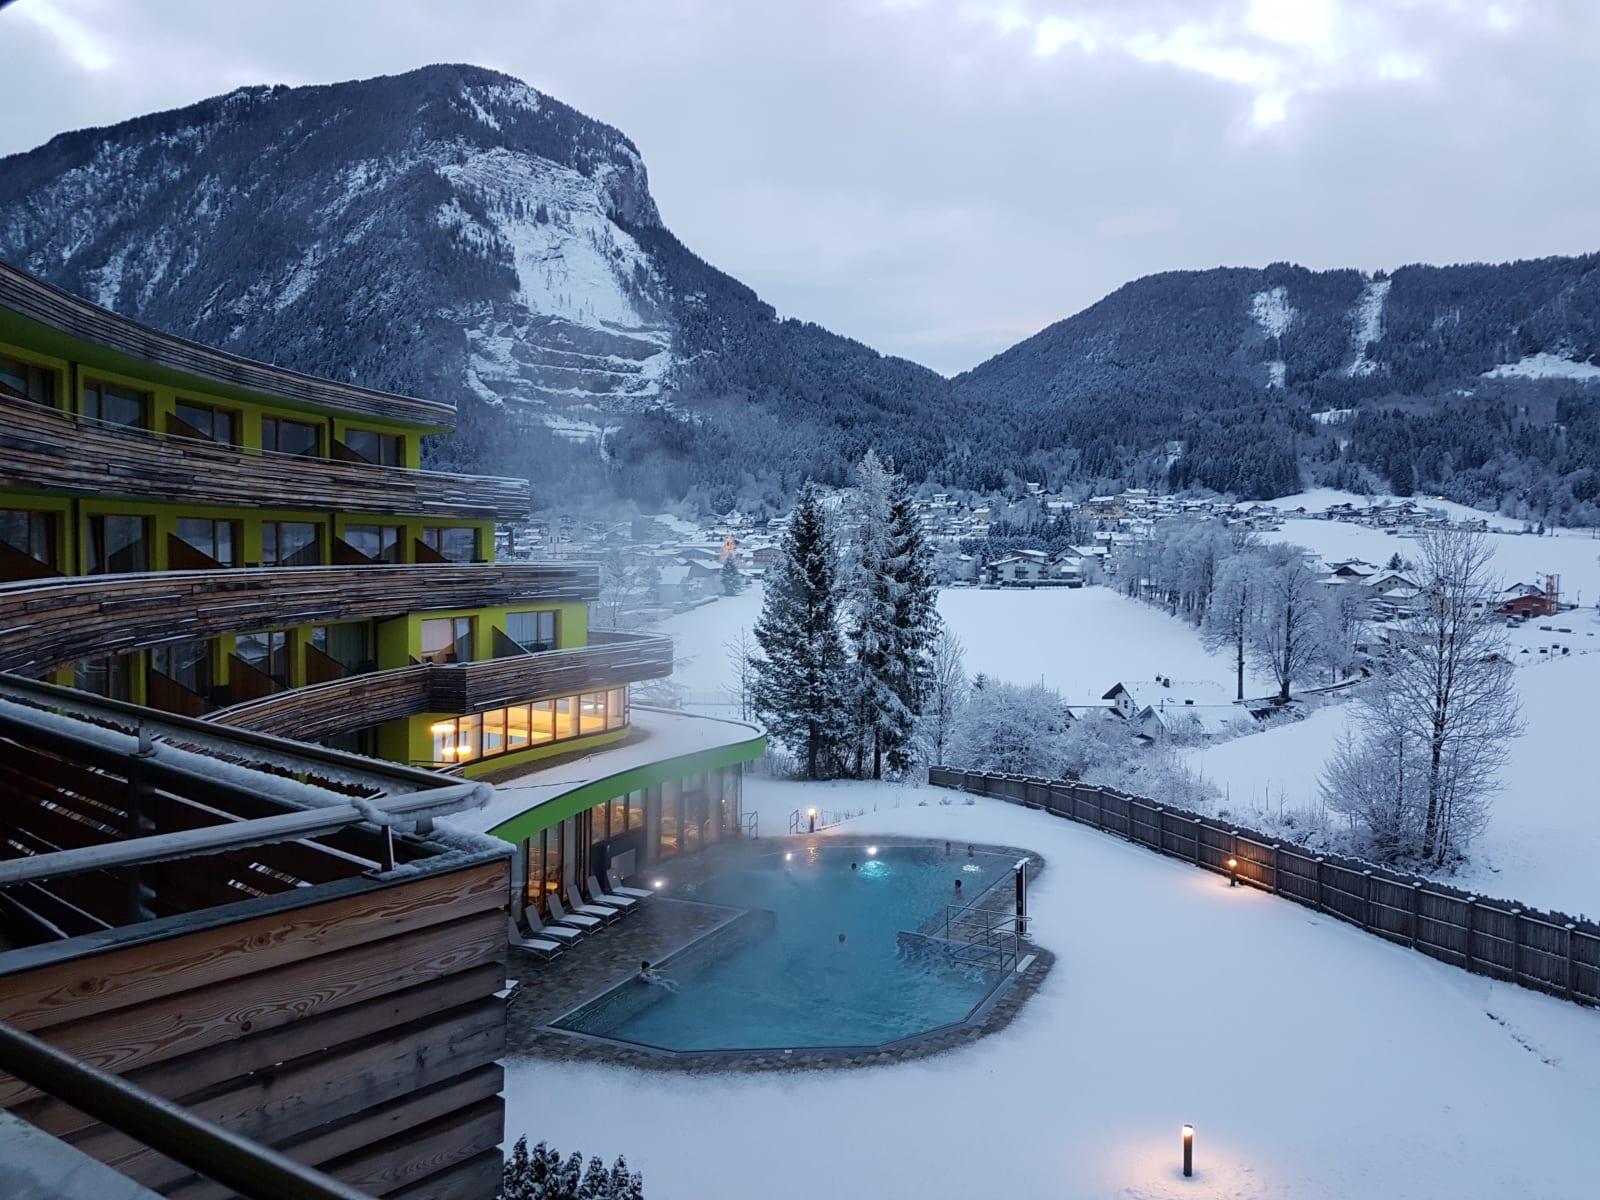 מלון ספא Hotel DAS SIEBEN - Ihr Gesundheitsresort באוסטריה